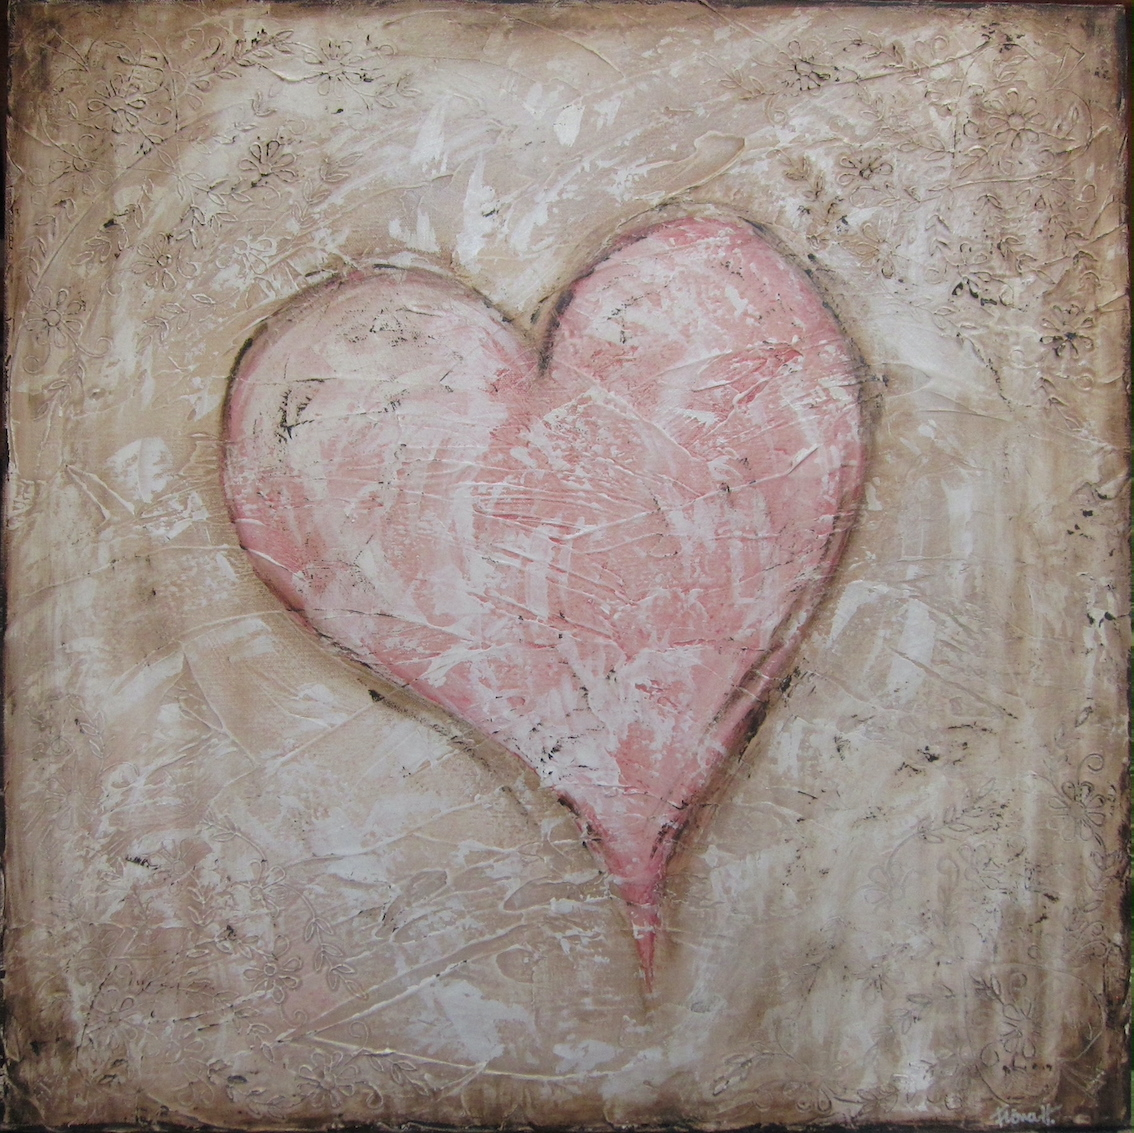 textured heart